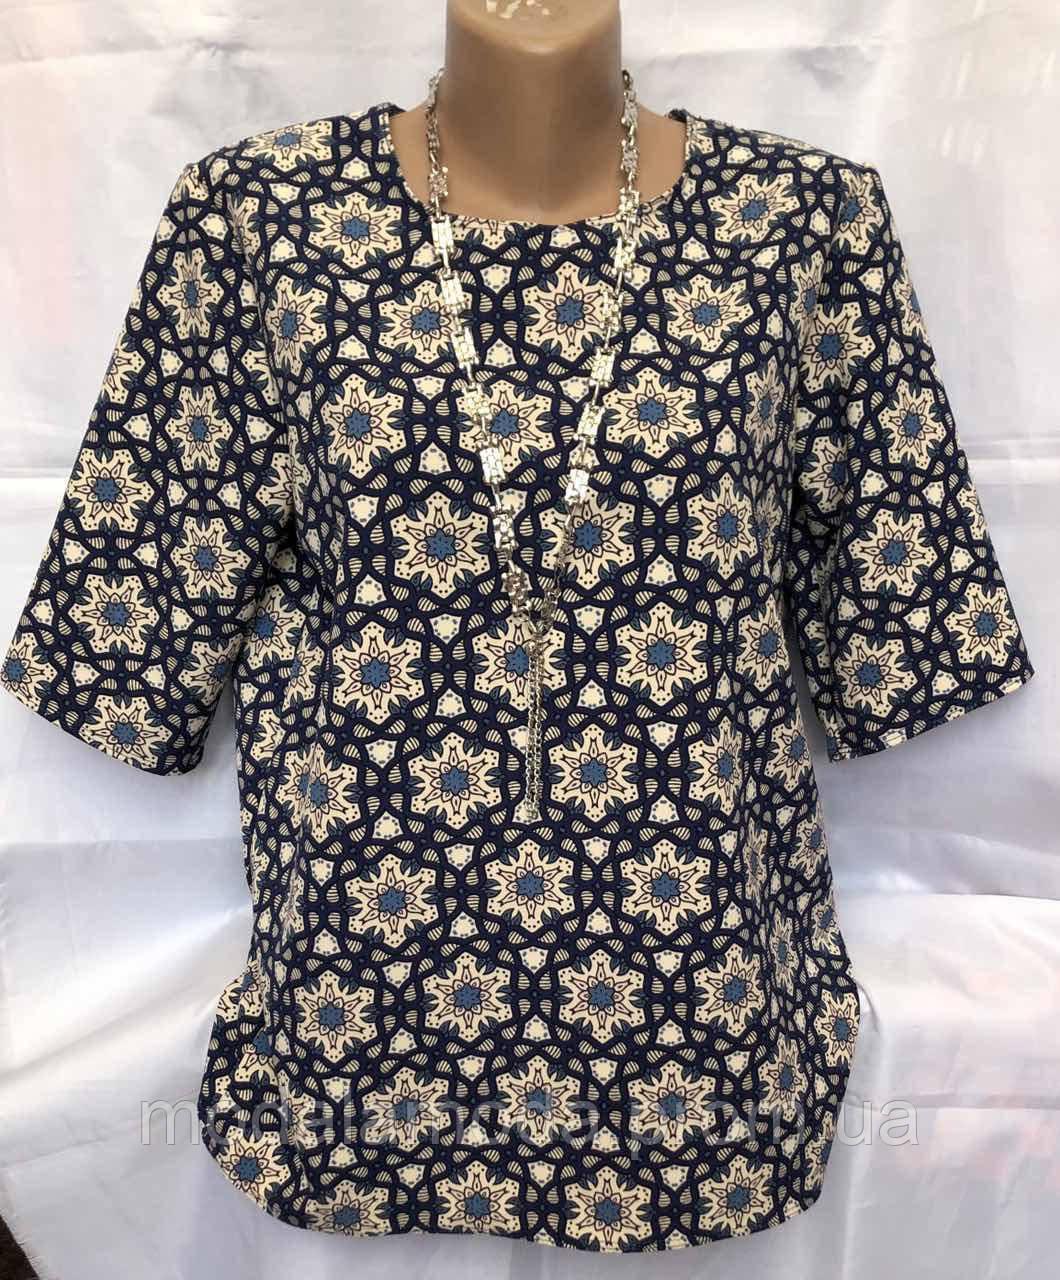 Блуза женская летняя с красивым орнаментом